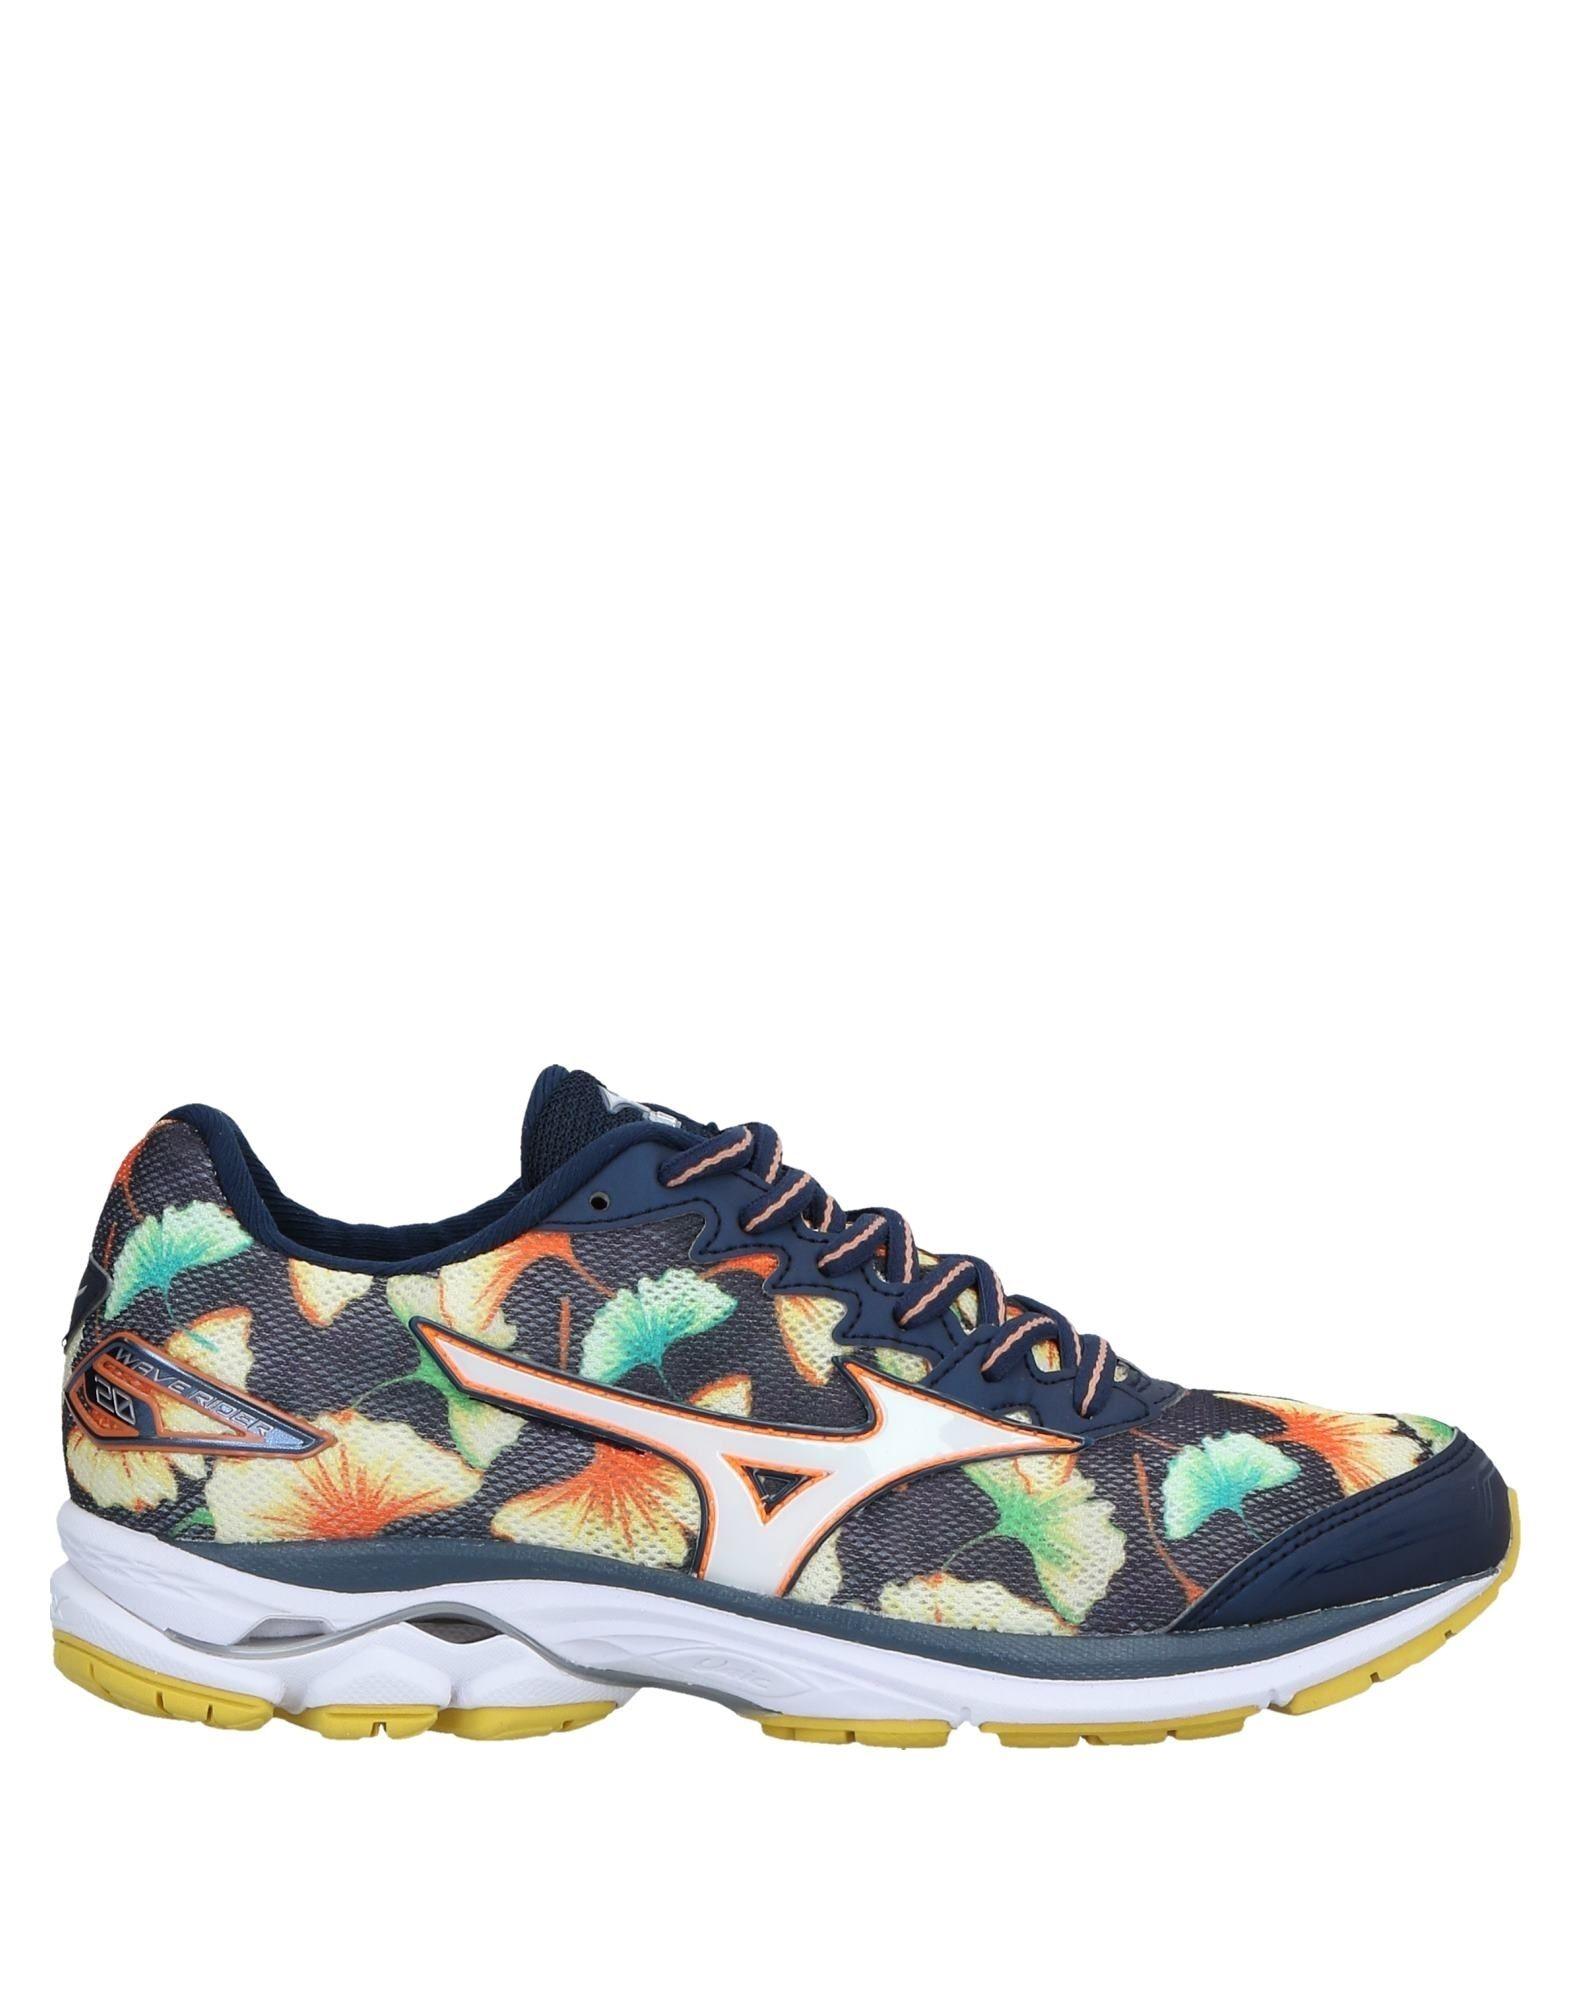 Scarpe economiche e resistenti Sneakers Mizuno Donna - 11538068RQ